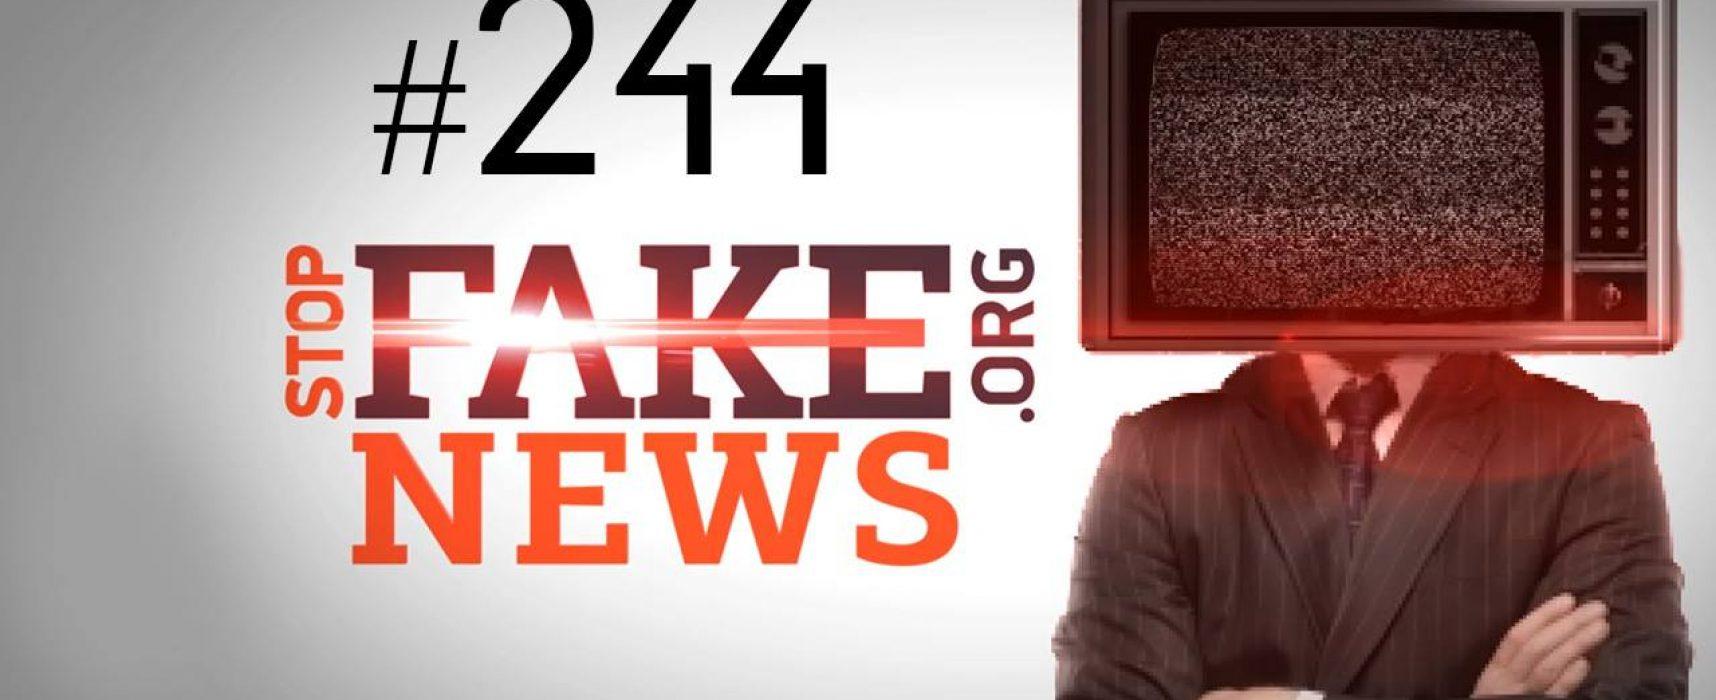 Зачистка Фейсбука, пропавший итальянский журналист и депортация Бойко — SFN #244